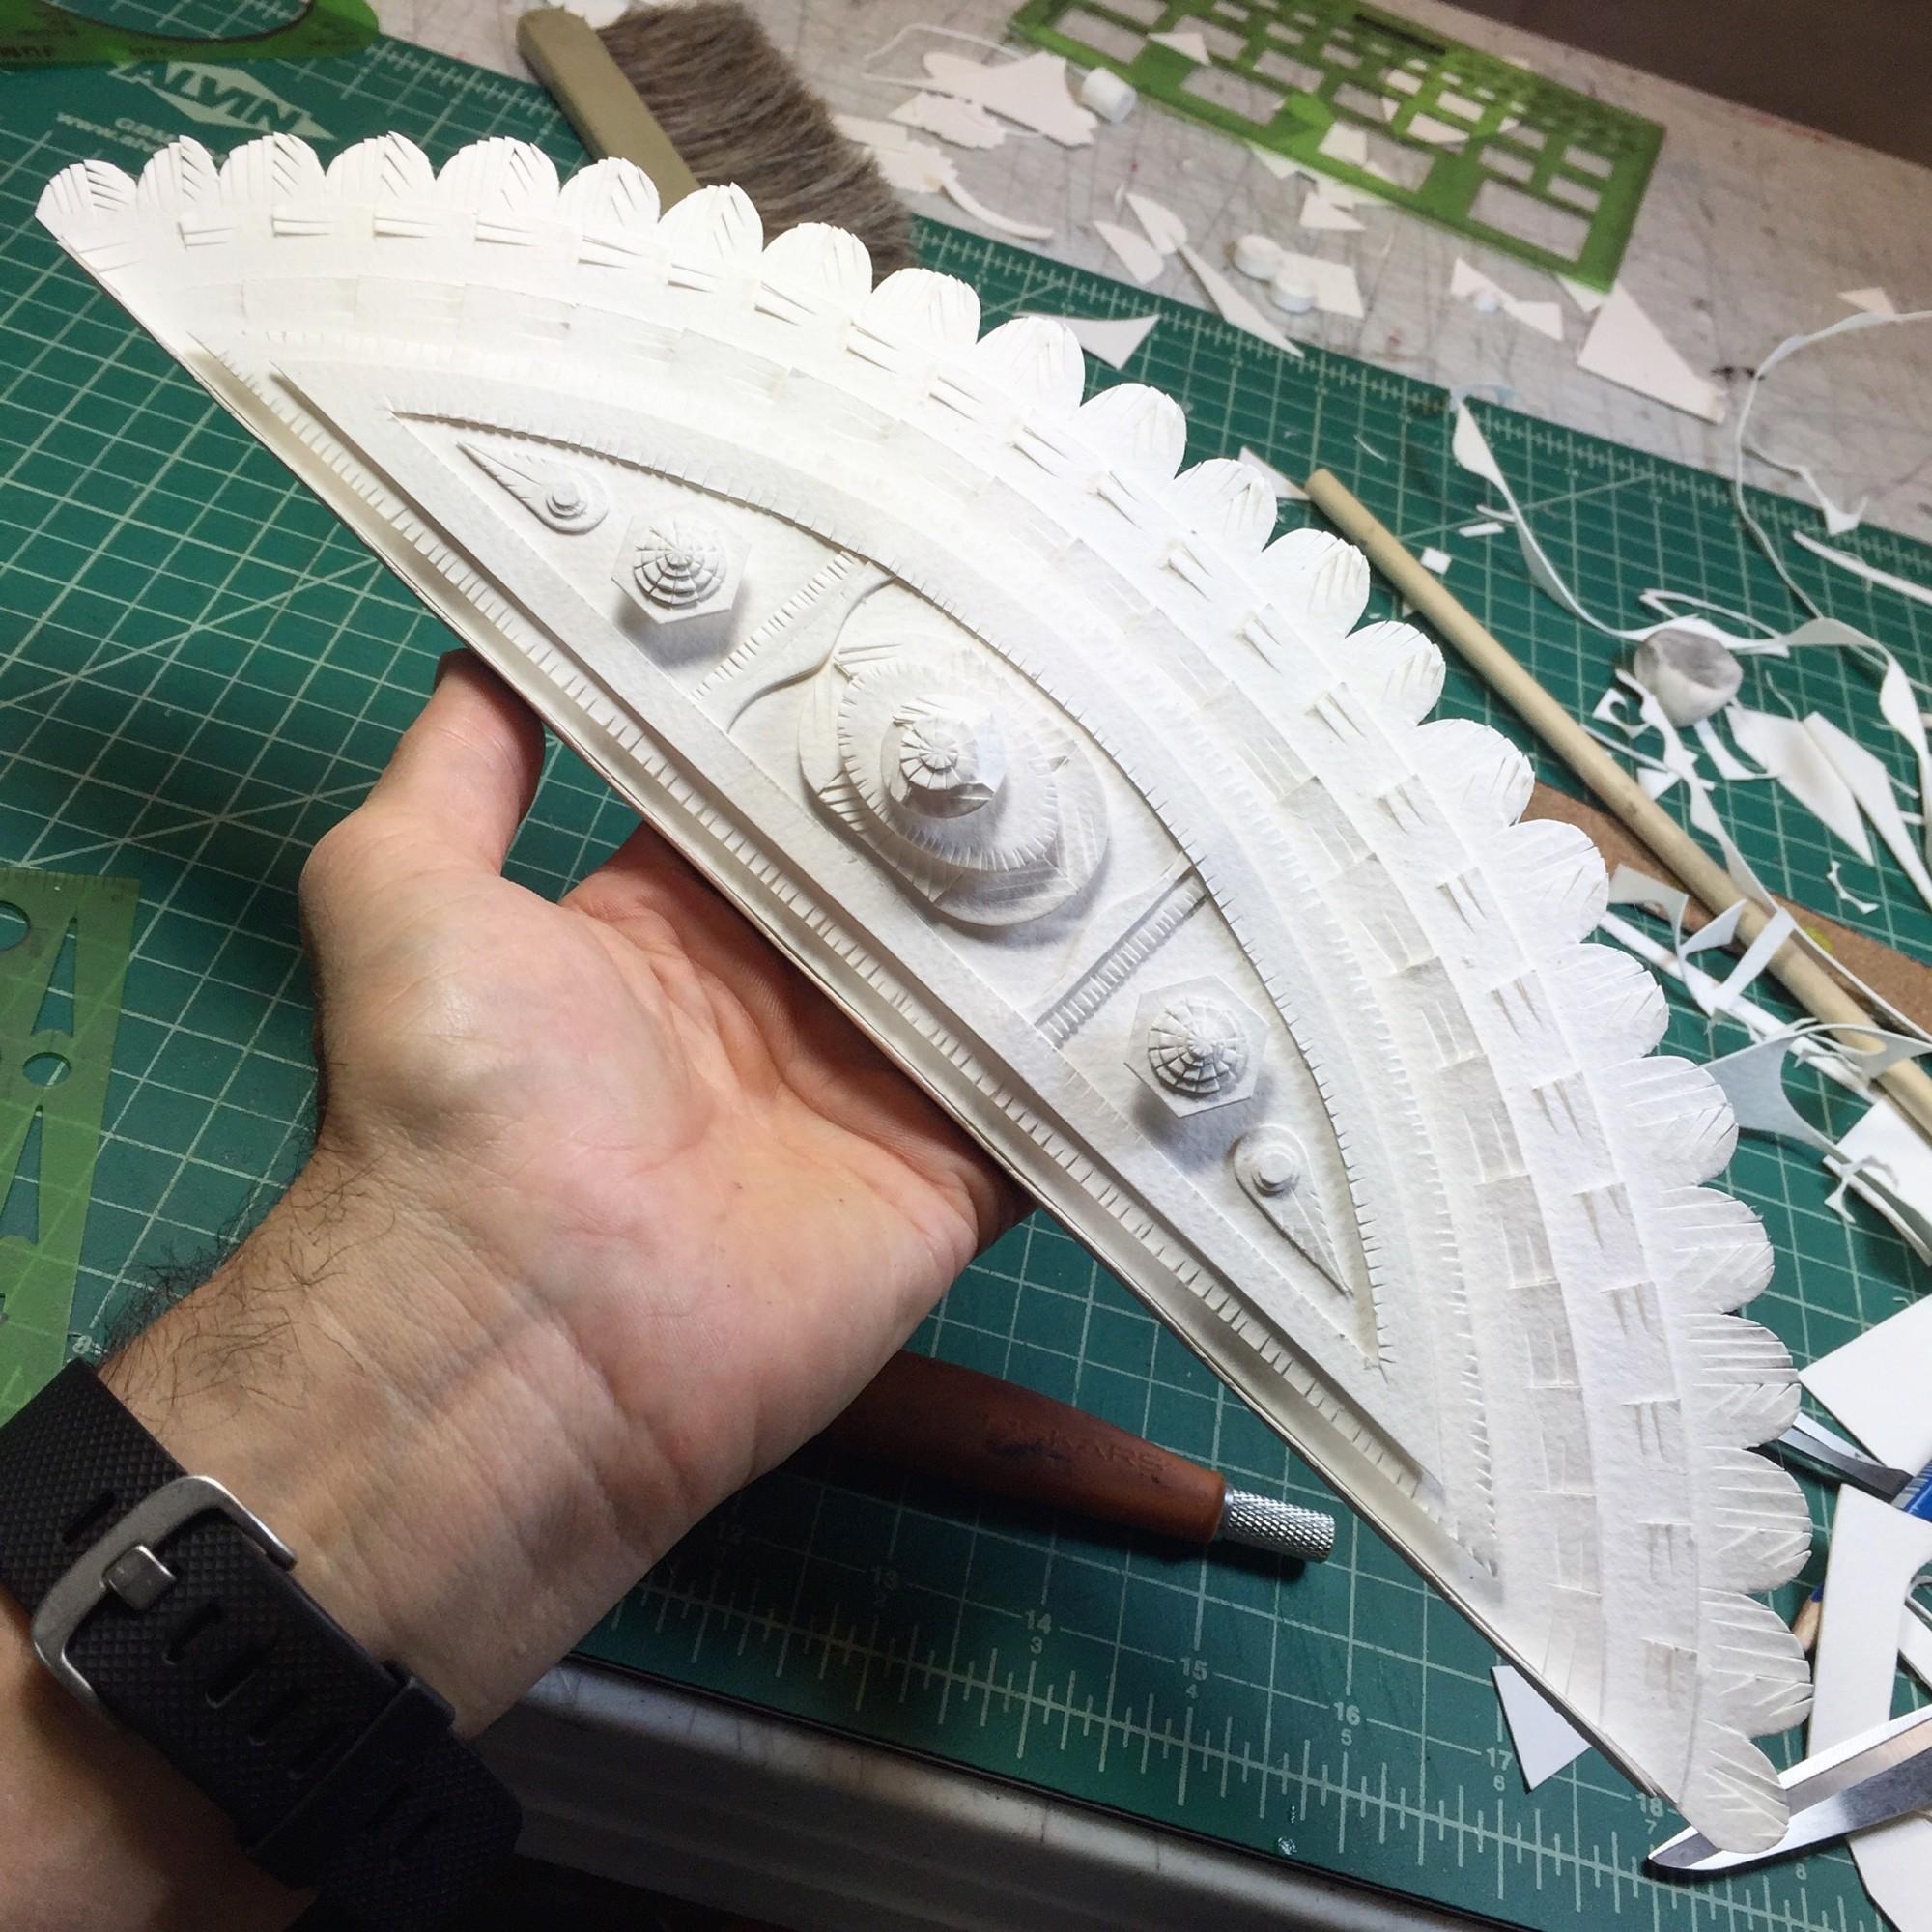 Interview with Vibrant Sculptural Paper Artist Michael Velliquette